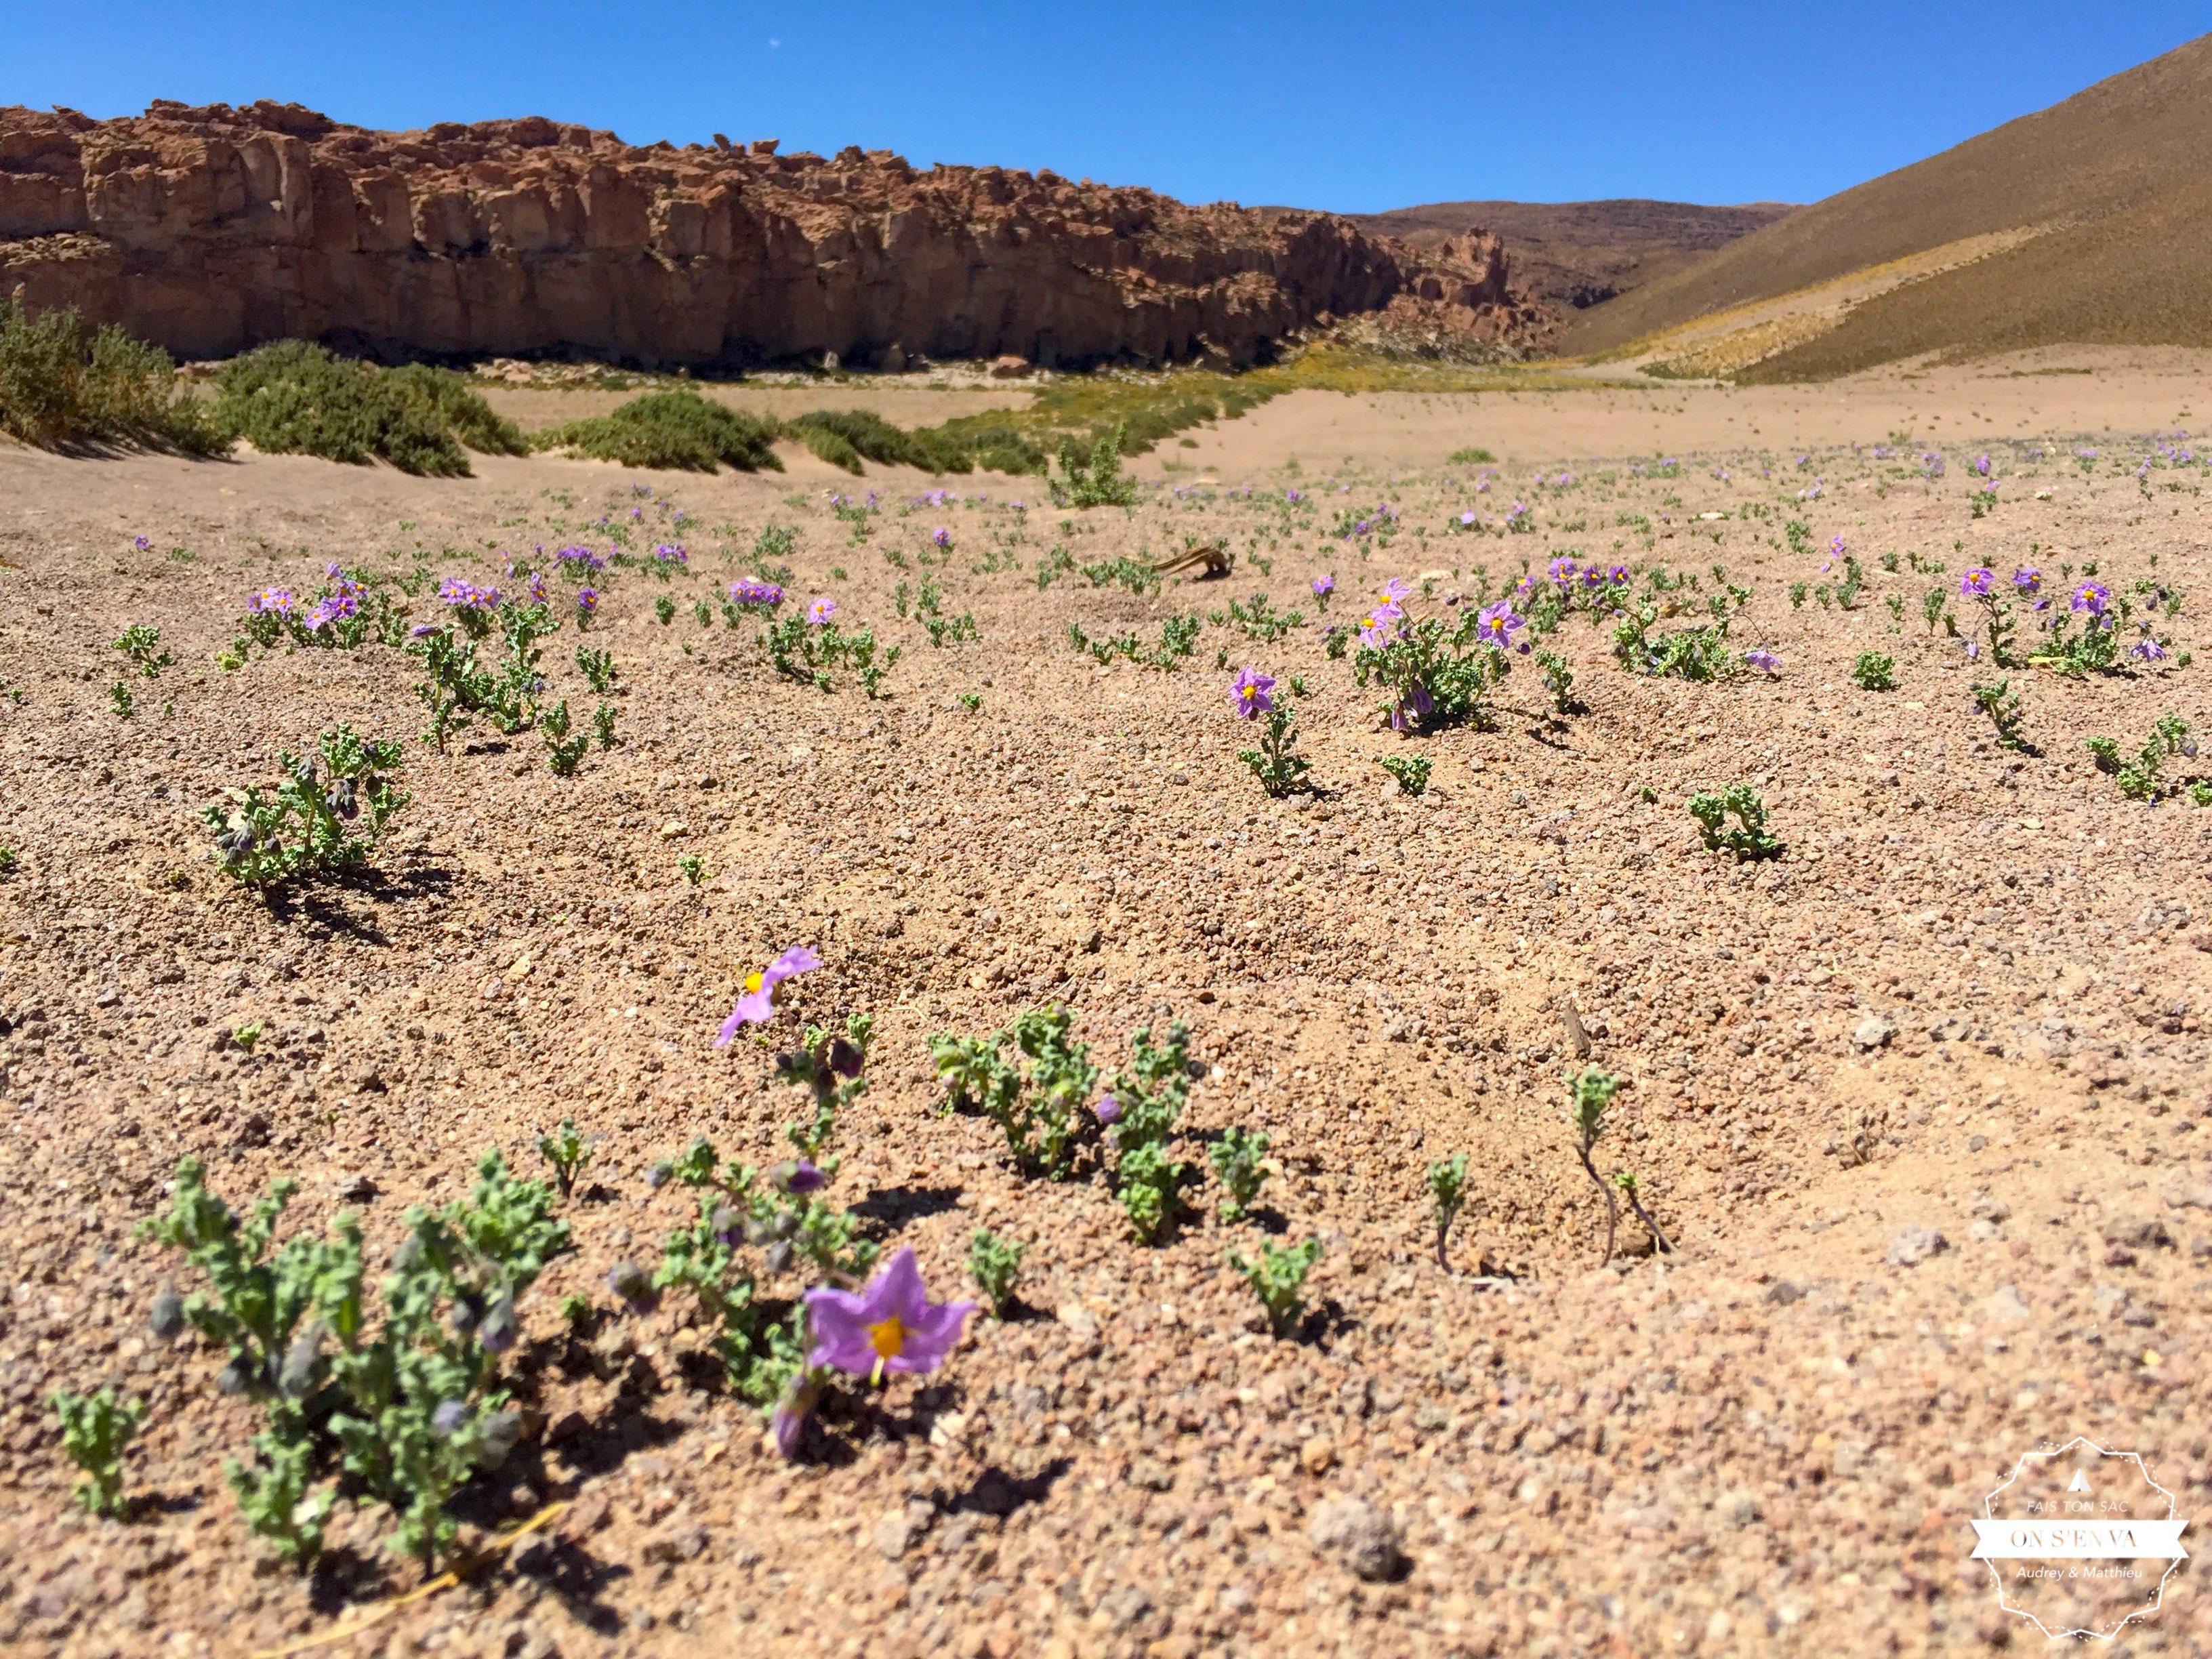 Des fleurs dans le désert